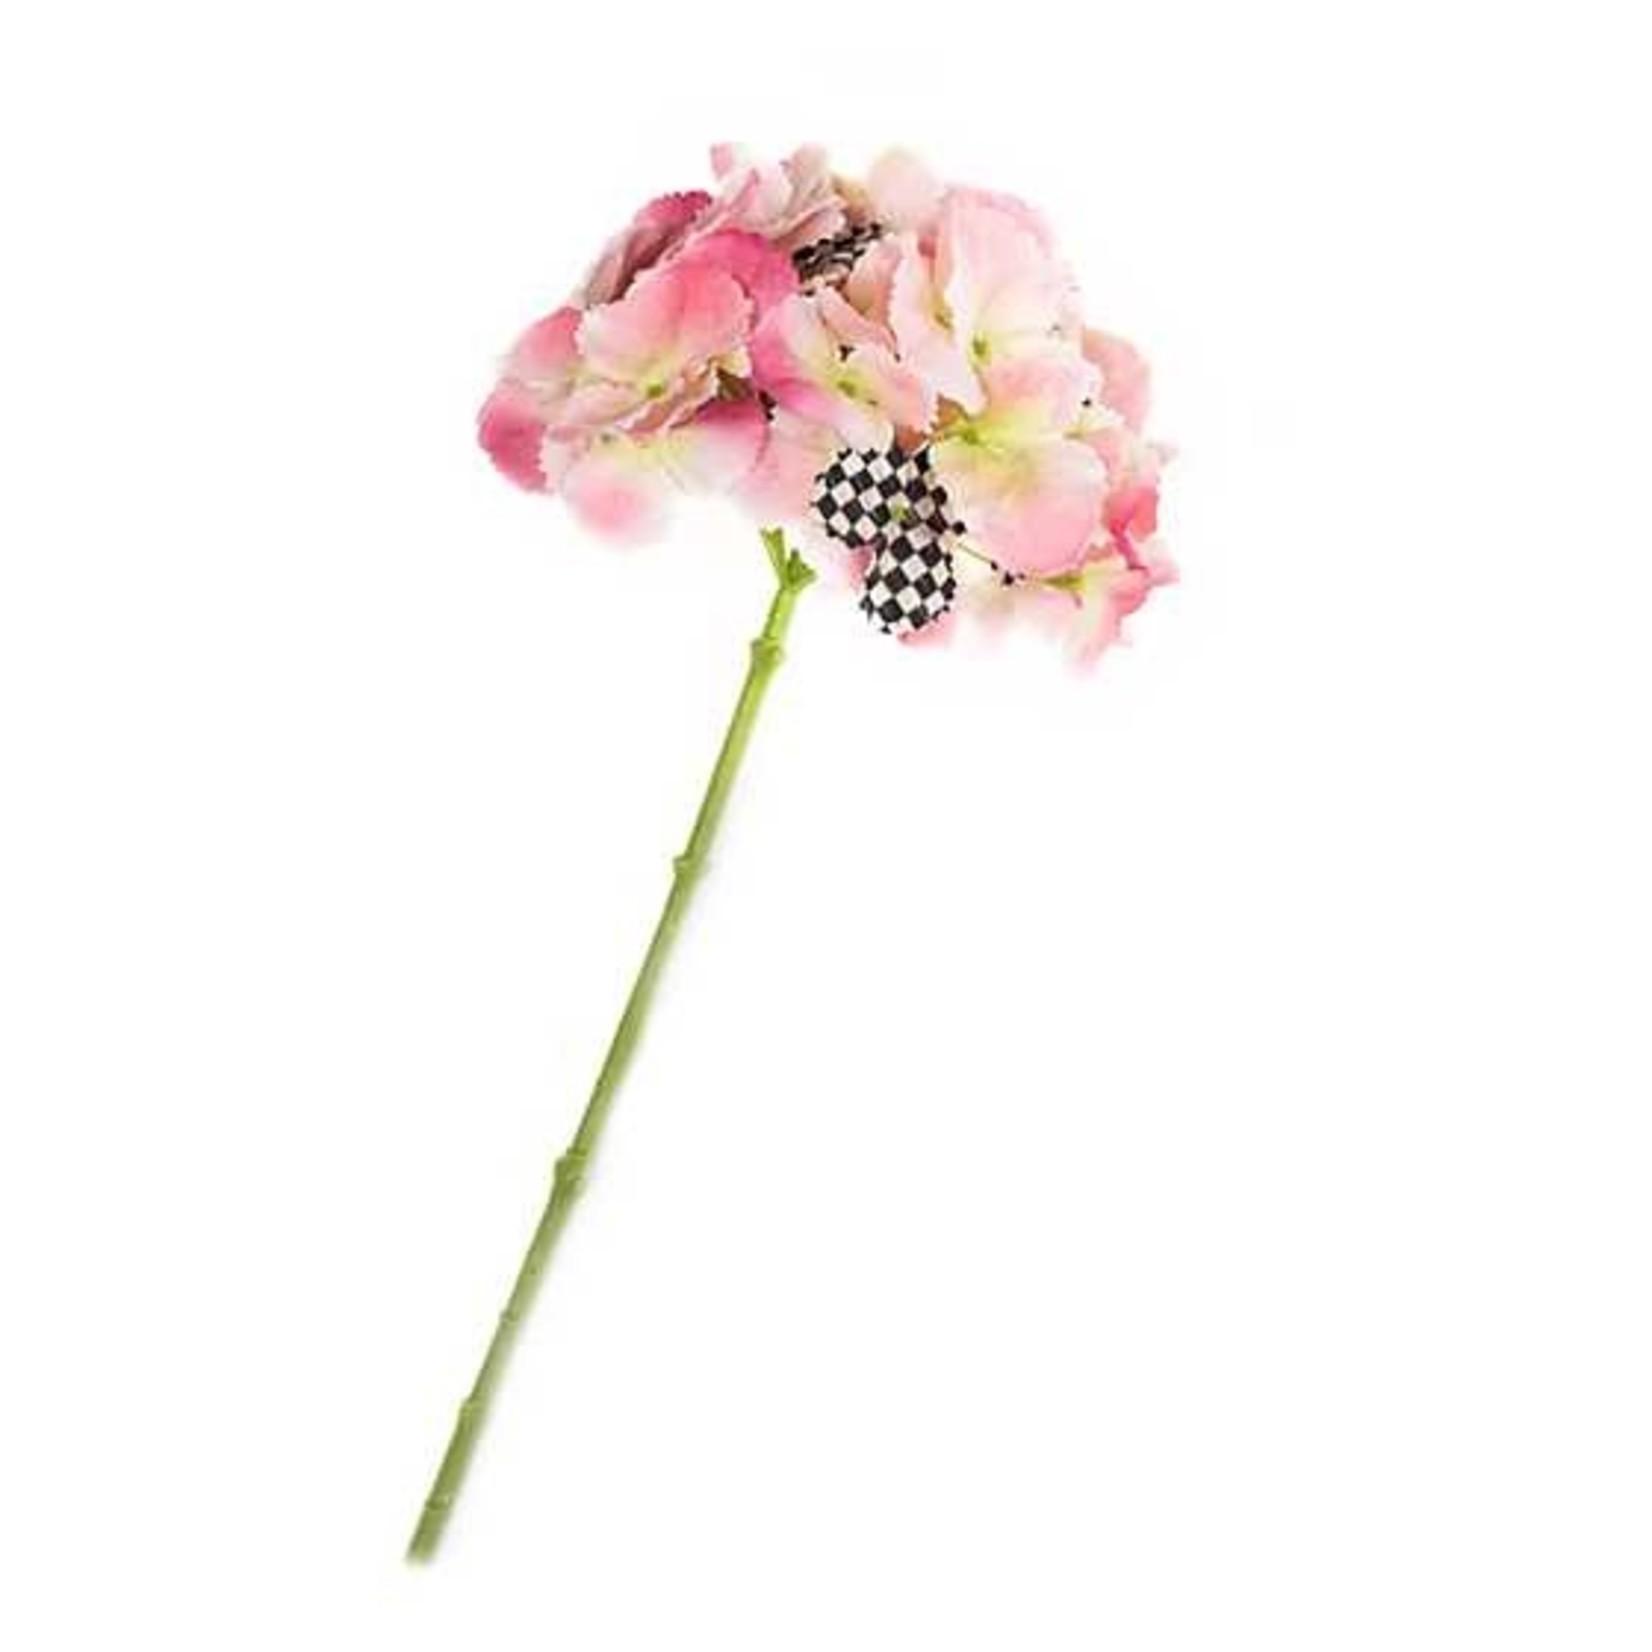 MacKenzie Childs Courtly Hydrangea - Pink